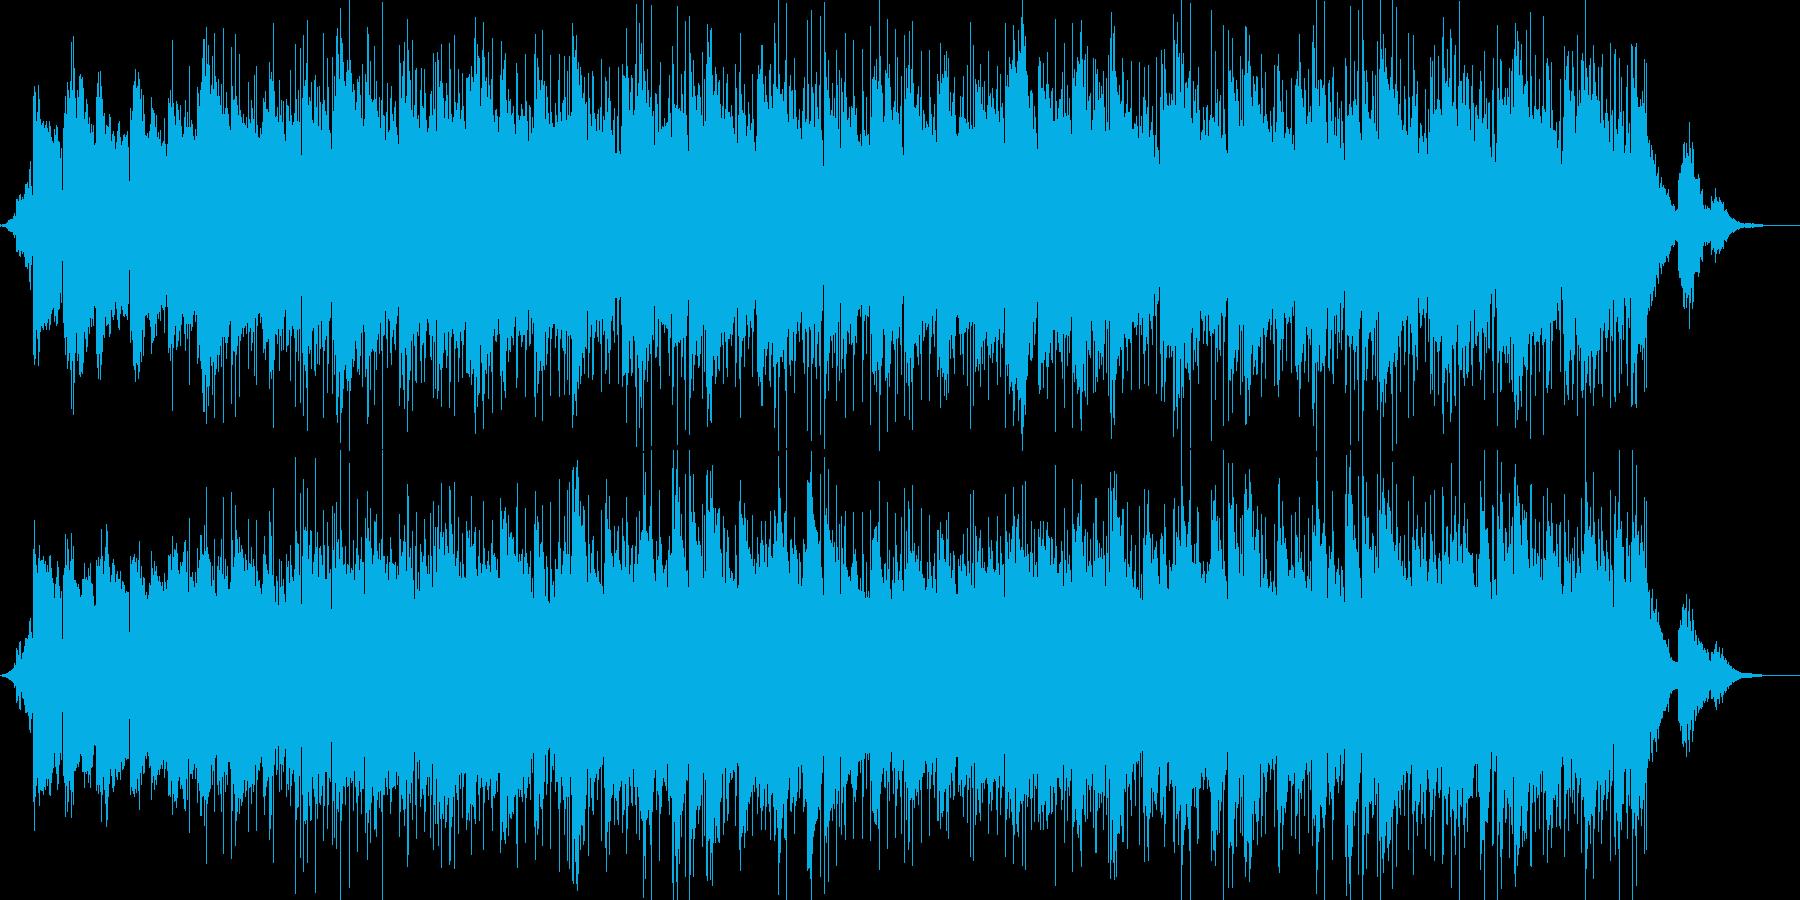 企業向け映像制作でビンテージ映像にマッチの再生済みの波形